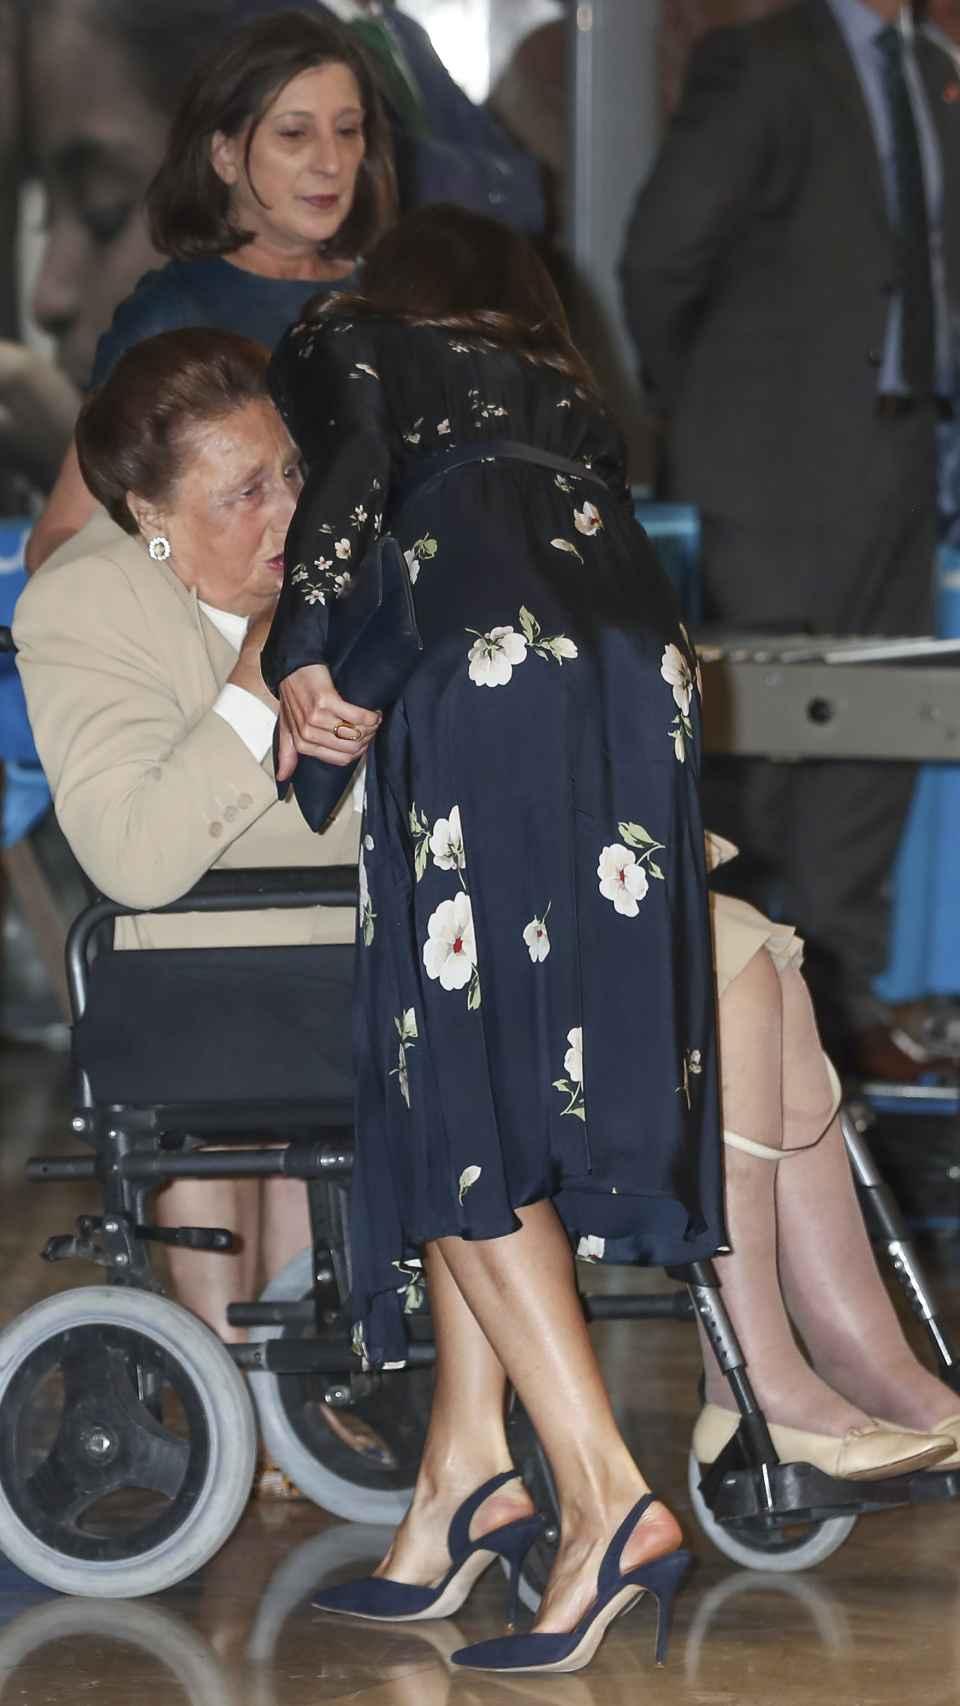 La reina Letizia no ha dudado en saludar a la infanta Margarita a su llegada al evento de UNICEF.